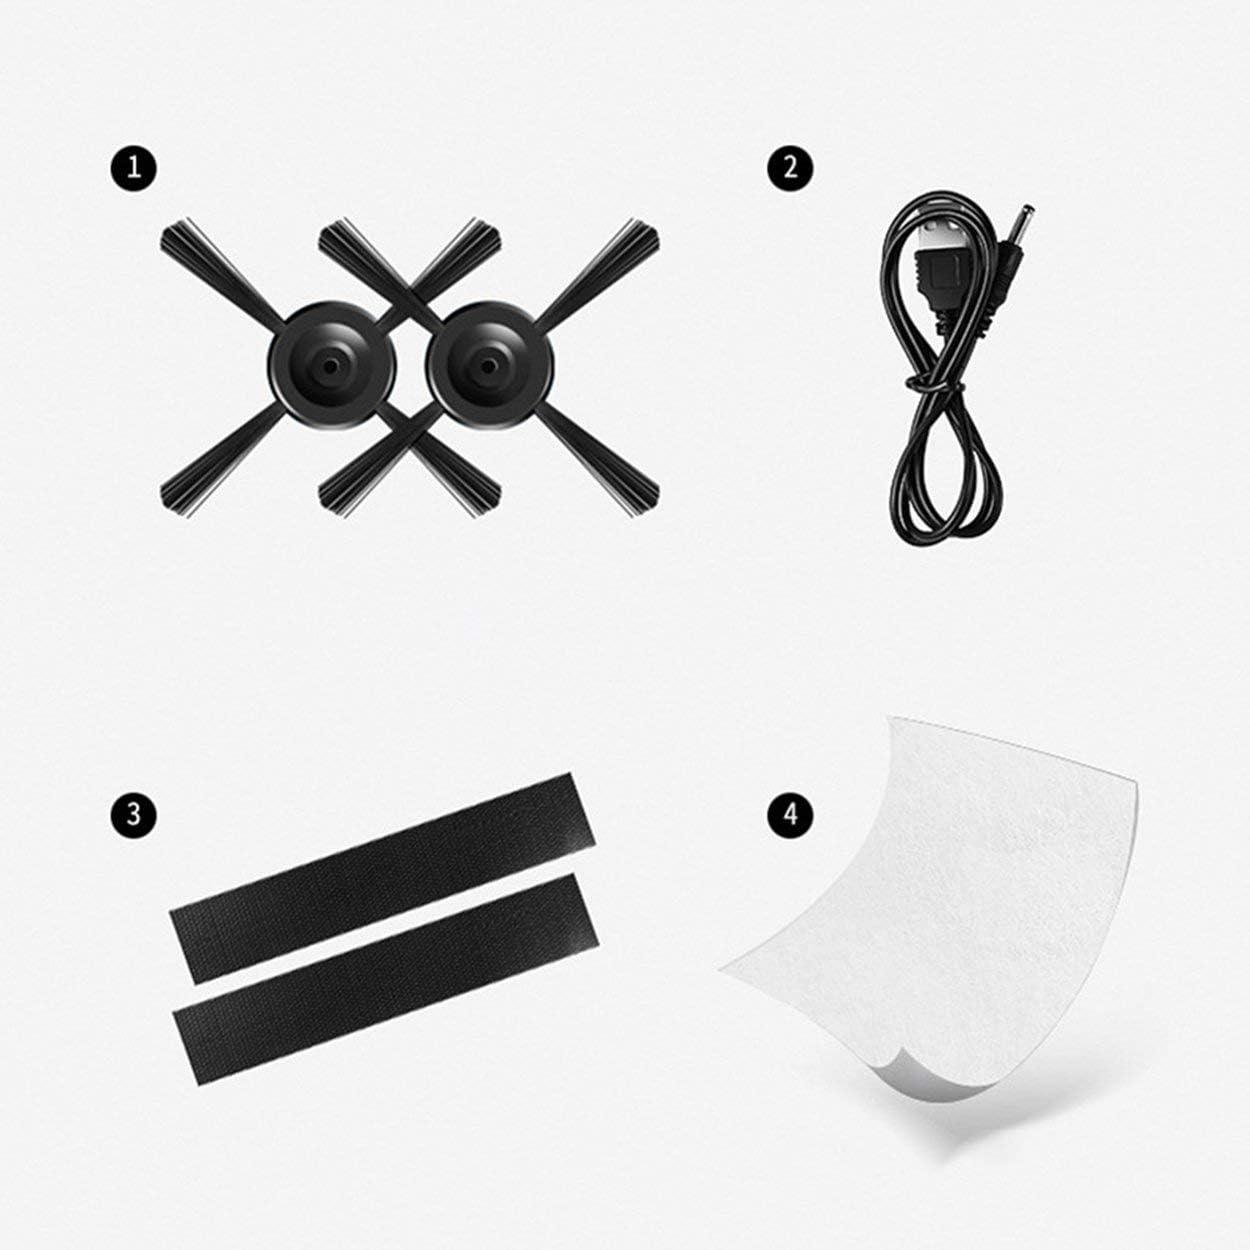 AnamSafdarButt59 Aspirador autom/ático de Alta eficiencia para el hogar Inteligente Robot de Limpieza de Pisos Inteligente Limpiador de Polvo autom/ático Barredora para el hogar